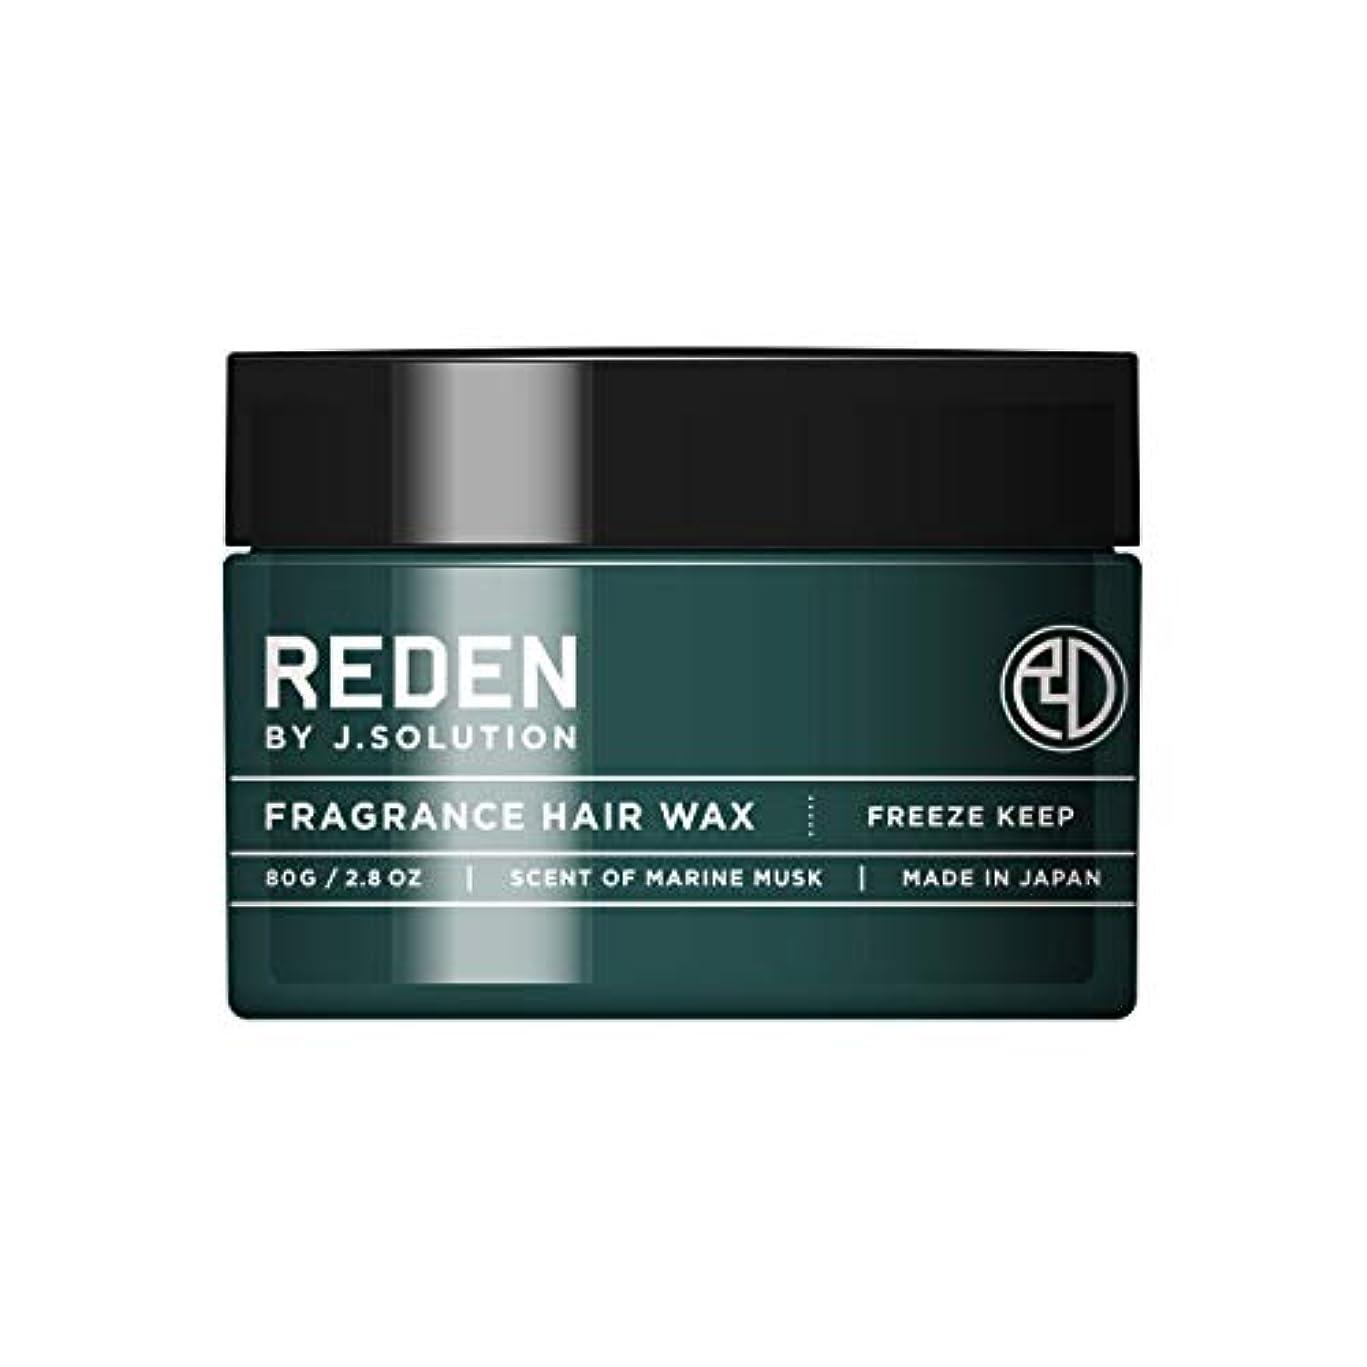 長いですハードウェア塩辛いREDEN(リデン) REDEN FRAGRANCE HAIR WAX FREEZE KEEP(リデン フレグランス ヘアワックス フリーズキープ)80ml マリンムスク